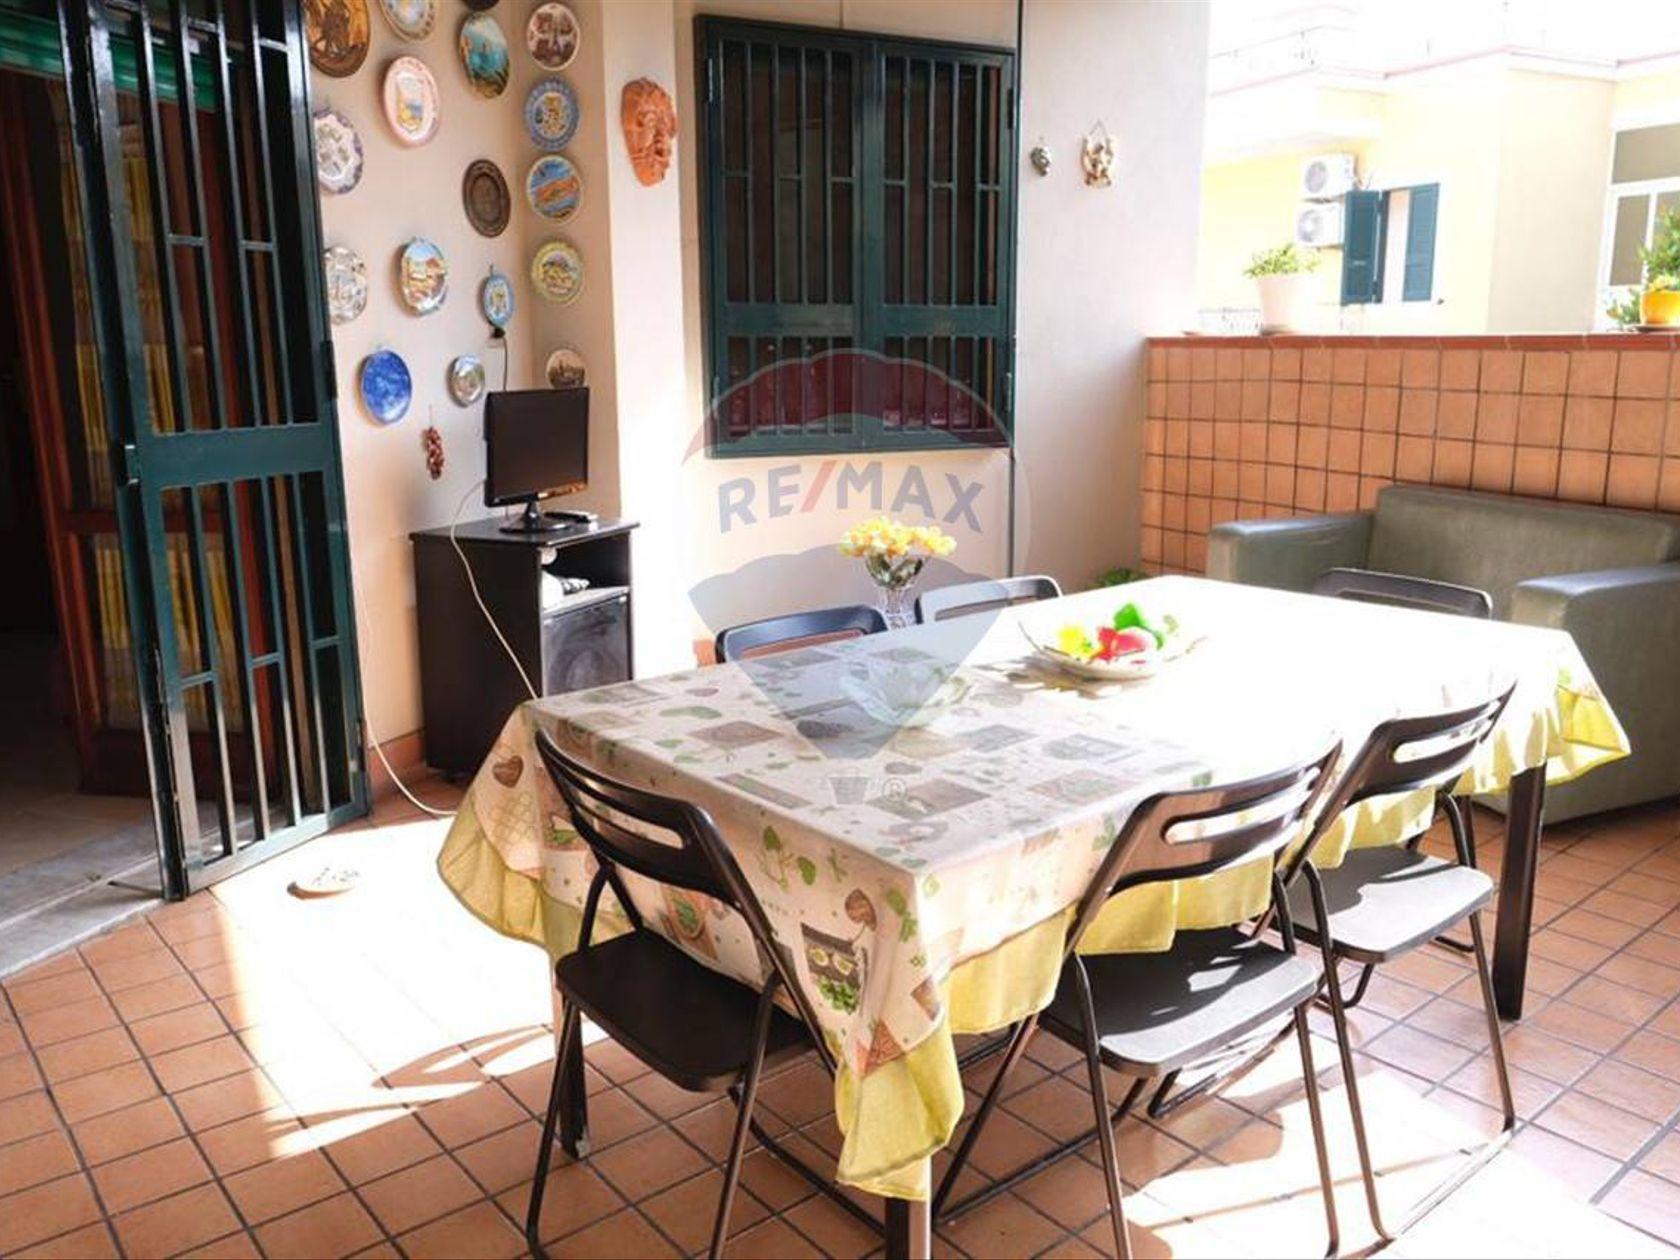 Casa Indipendente Zona stazione, Aversa, CE Vendita - Foto 6